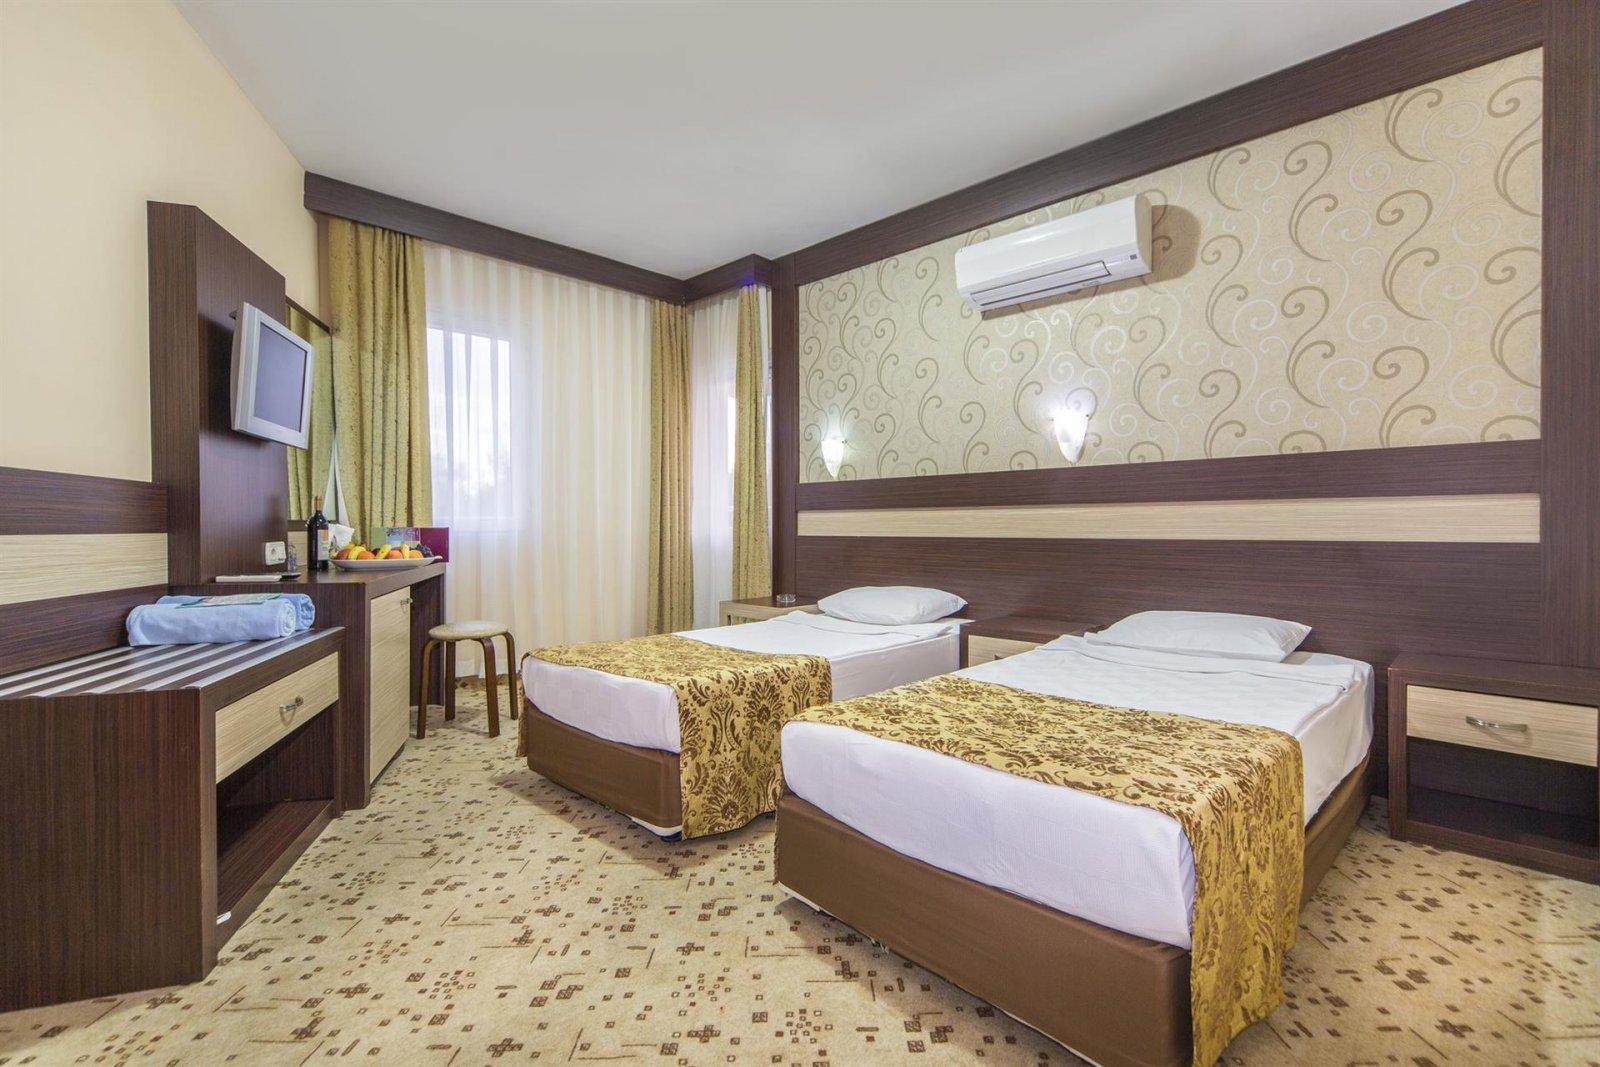 Отель Лонисера Ворлд 4* (Lonicera World Hotel), Аланья